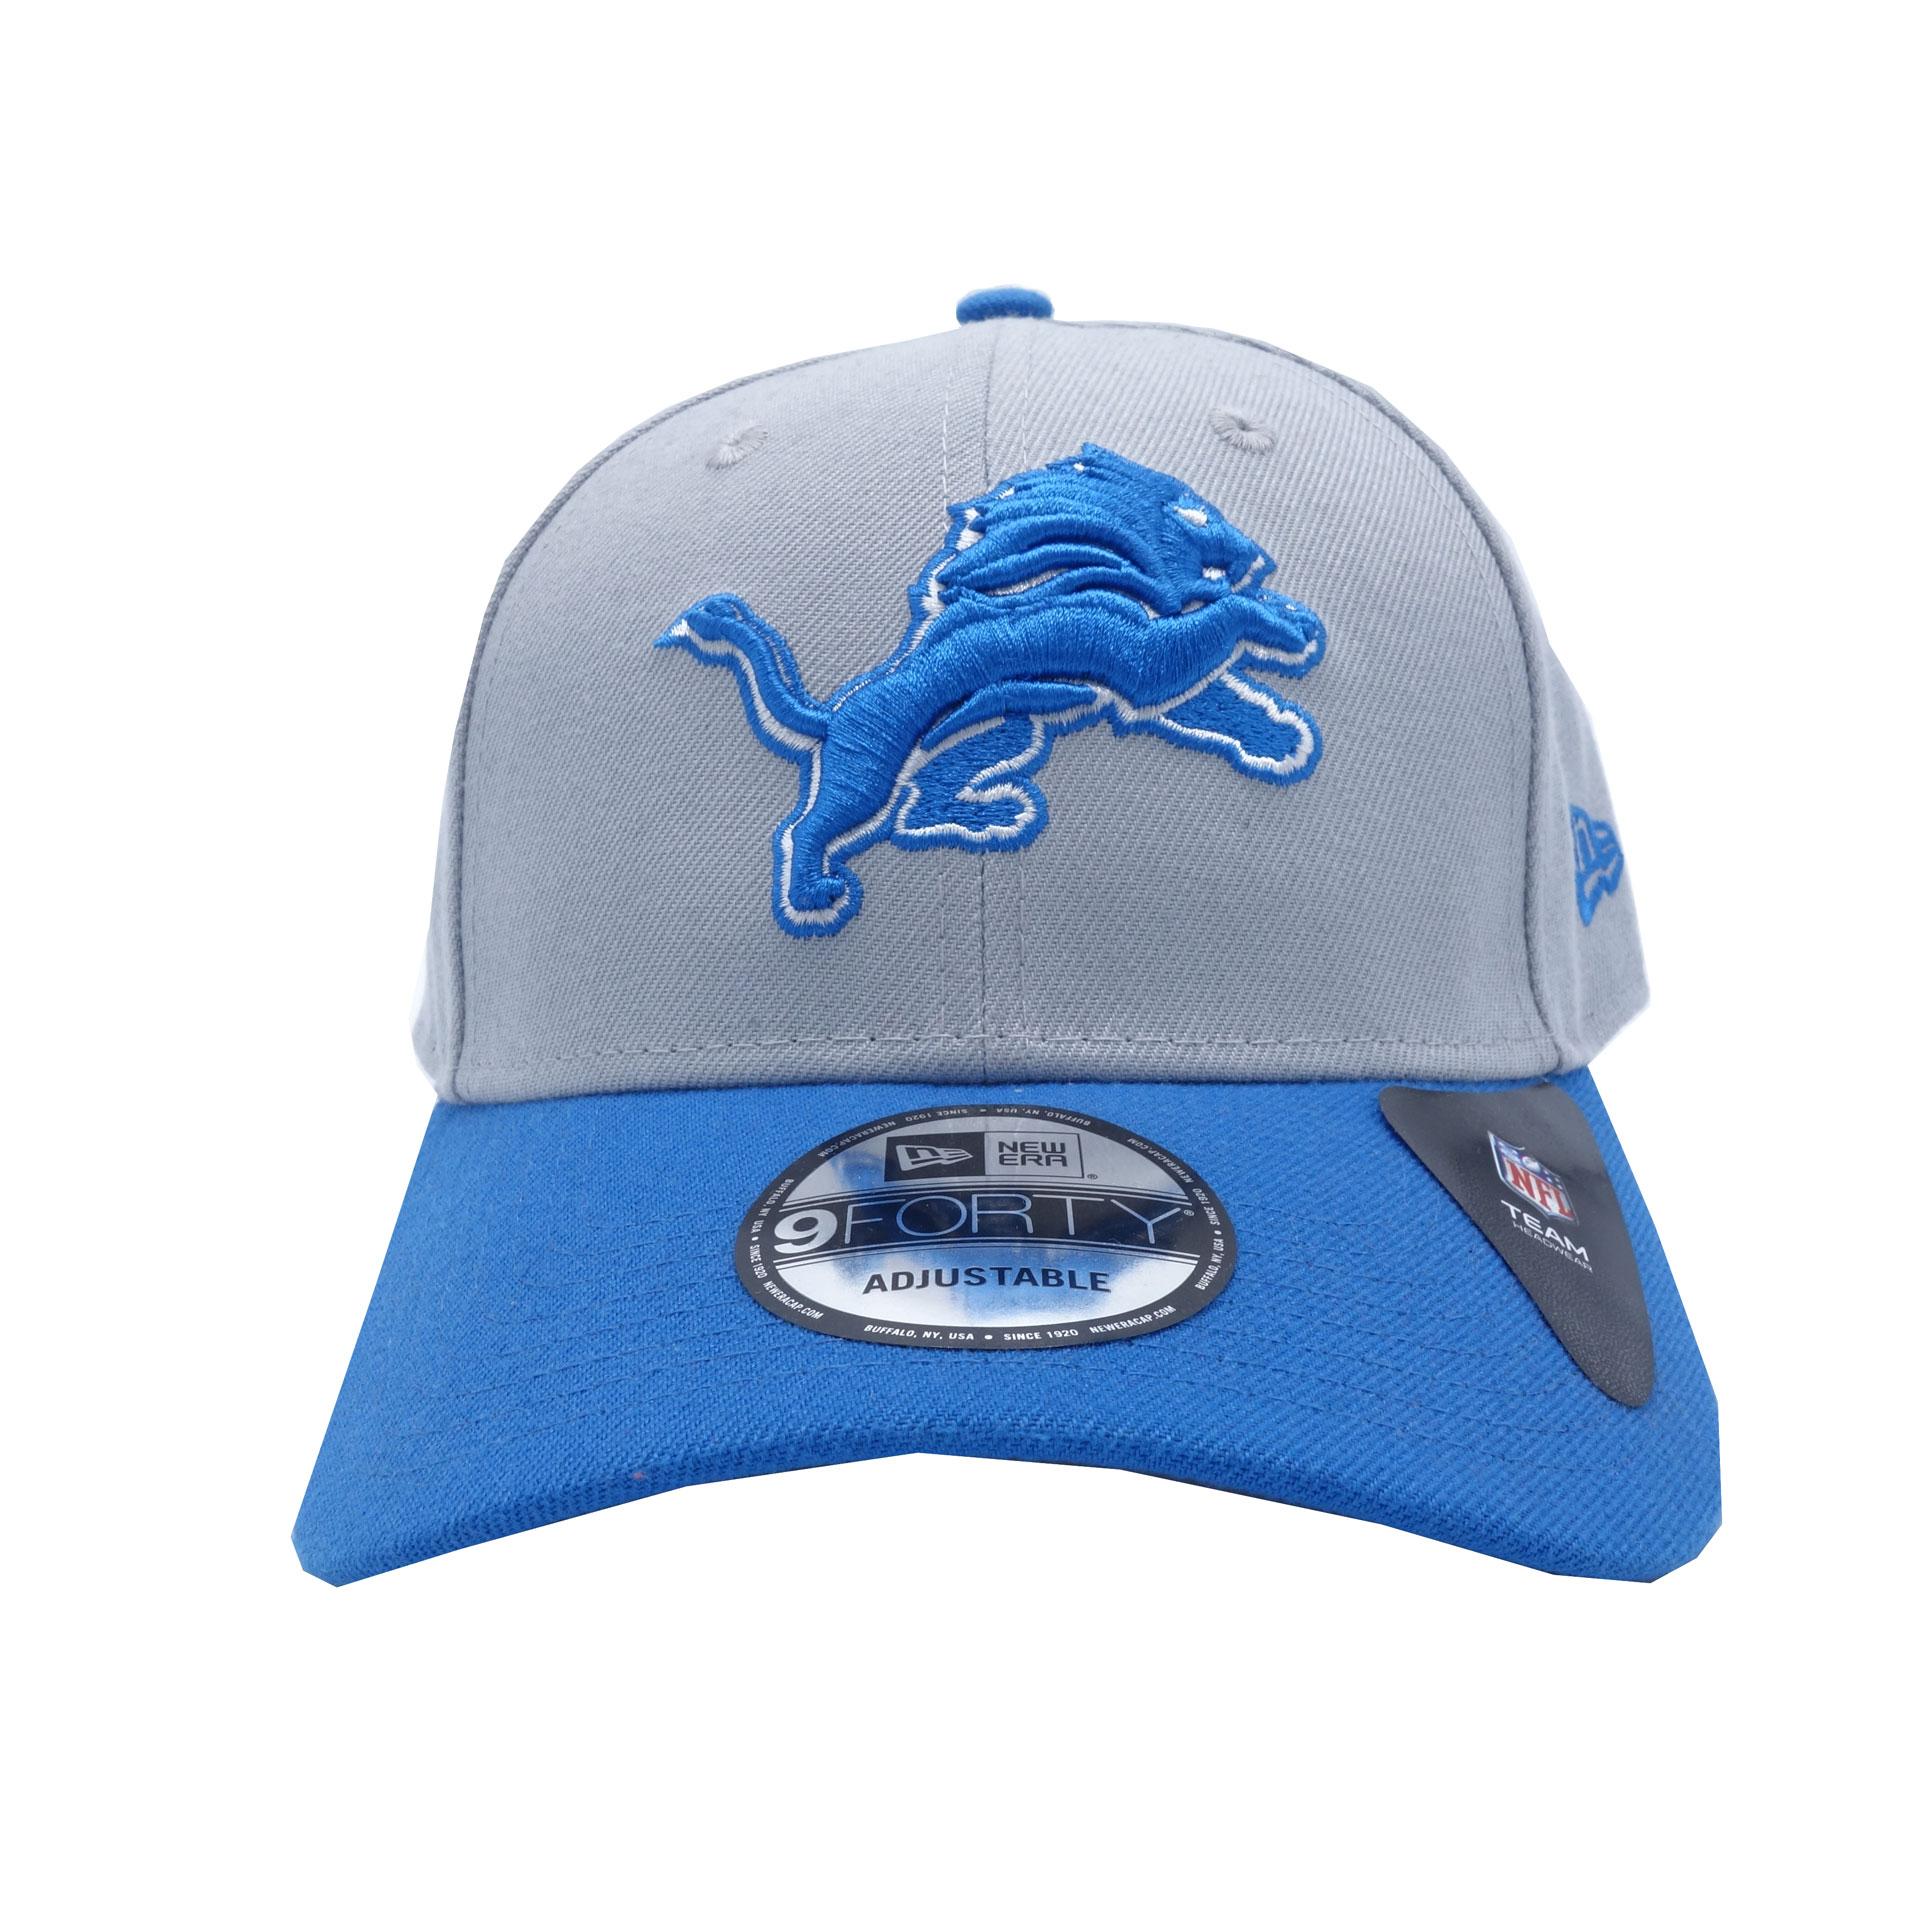 NFL New Era Cap Detroit Lions